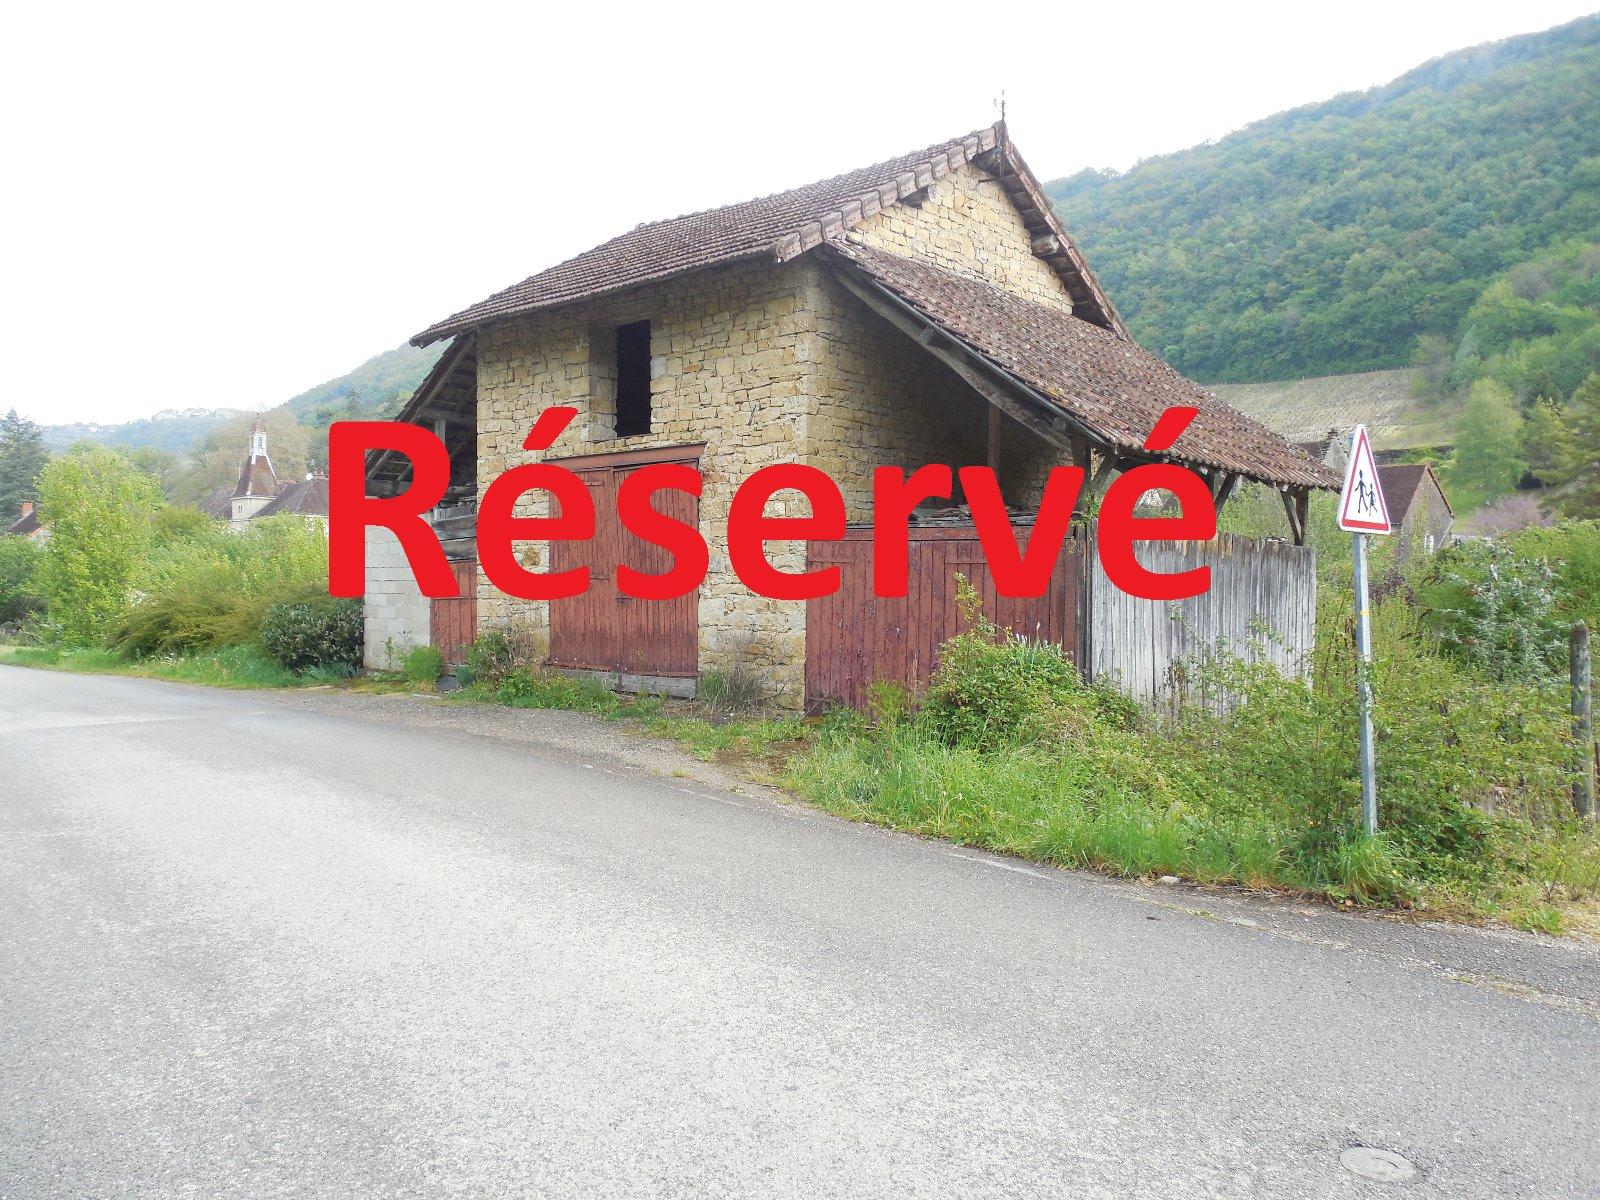 Voiteur 39210 jura a vendre terrain de 1500 m plus une grange de 60 m 3d immobilier - Frais de notaire achat garage ...